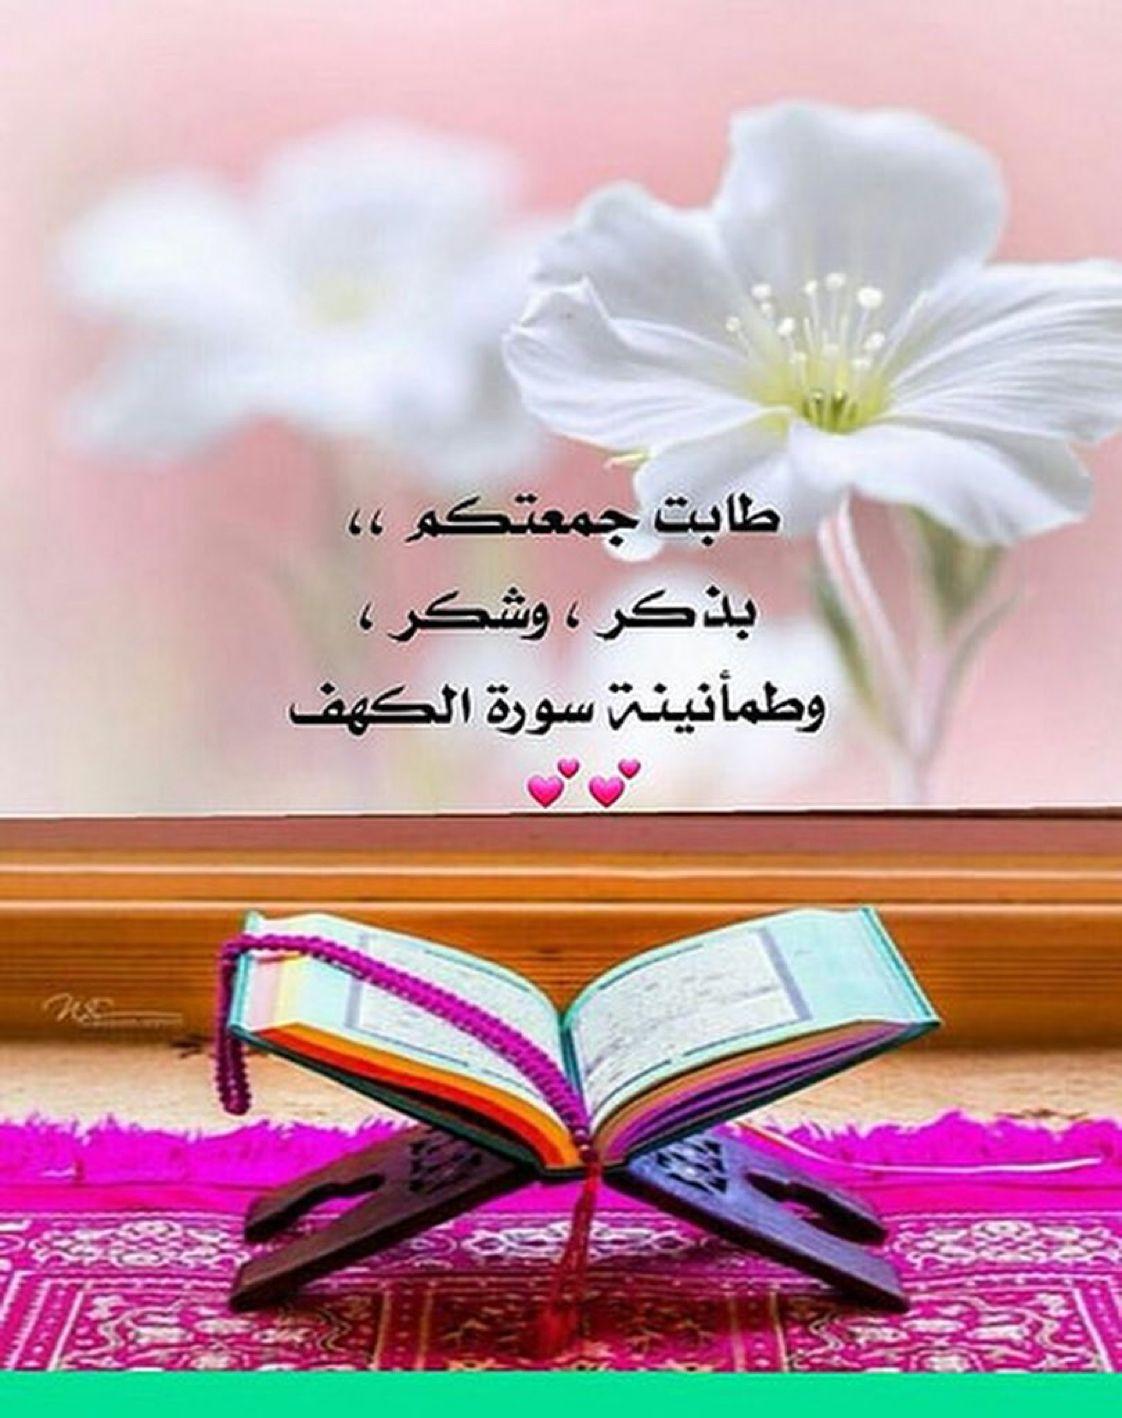 في يوم الجمعة اللهم إرزقنا يا الله ح لو الحياة وخير العطاء وسعة الرزق وراحة البال ولباس Blessed Friday Jumma Mubarak Quotes Islamic Pictures